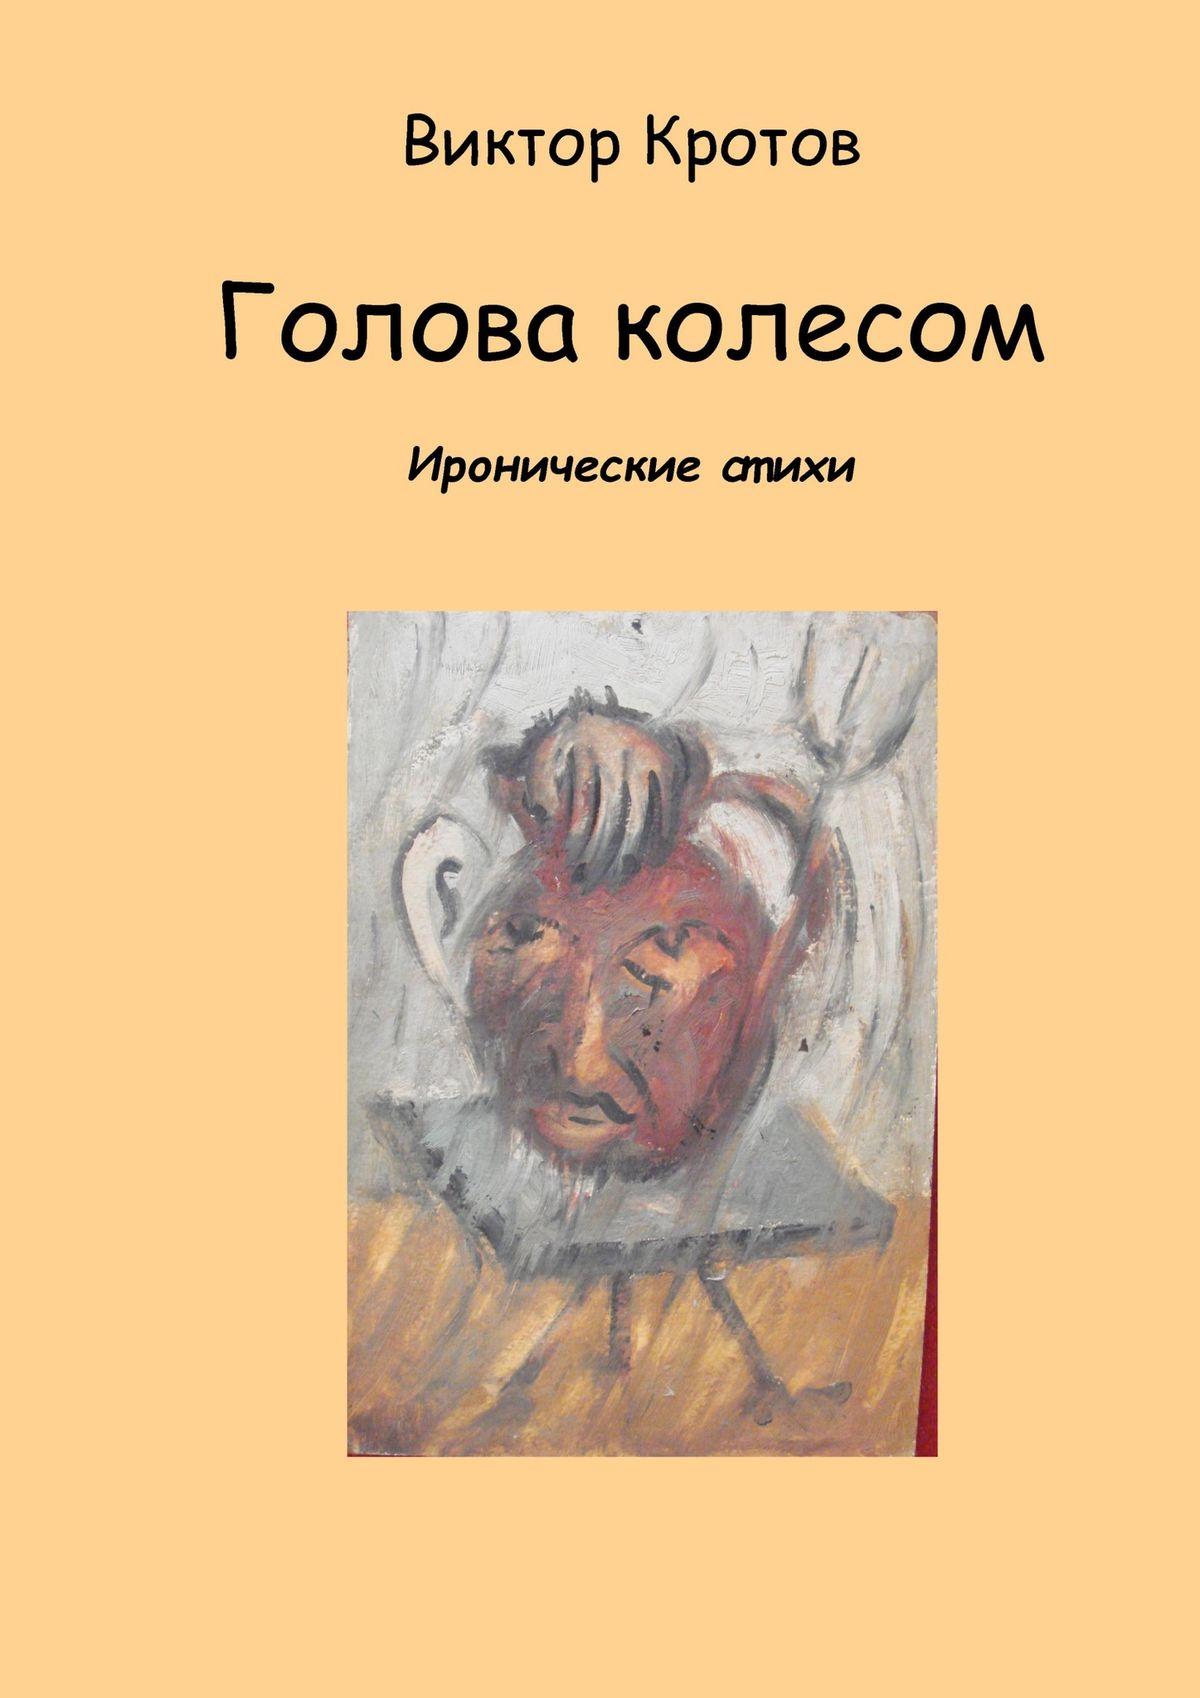 Фото - Виктор Гаврилович Кротов Голова колесом. Иронические стихи виктор кротов потеря приобретающая сборник эссе